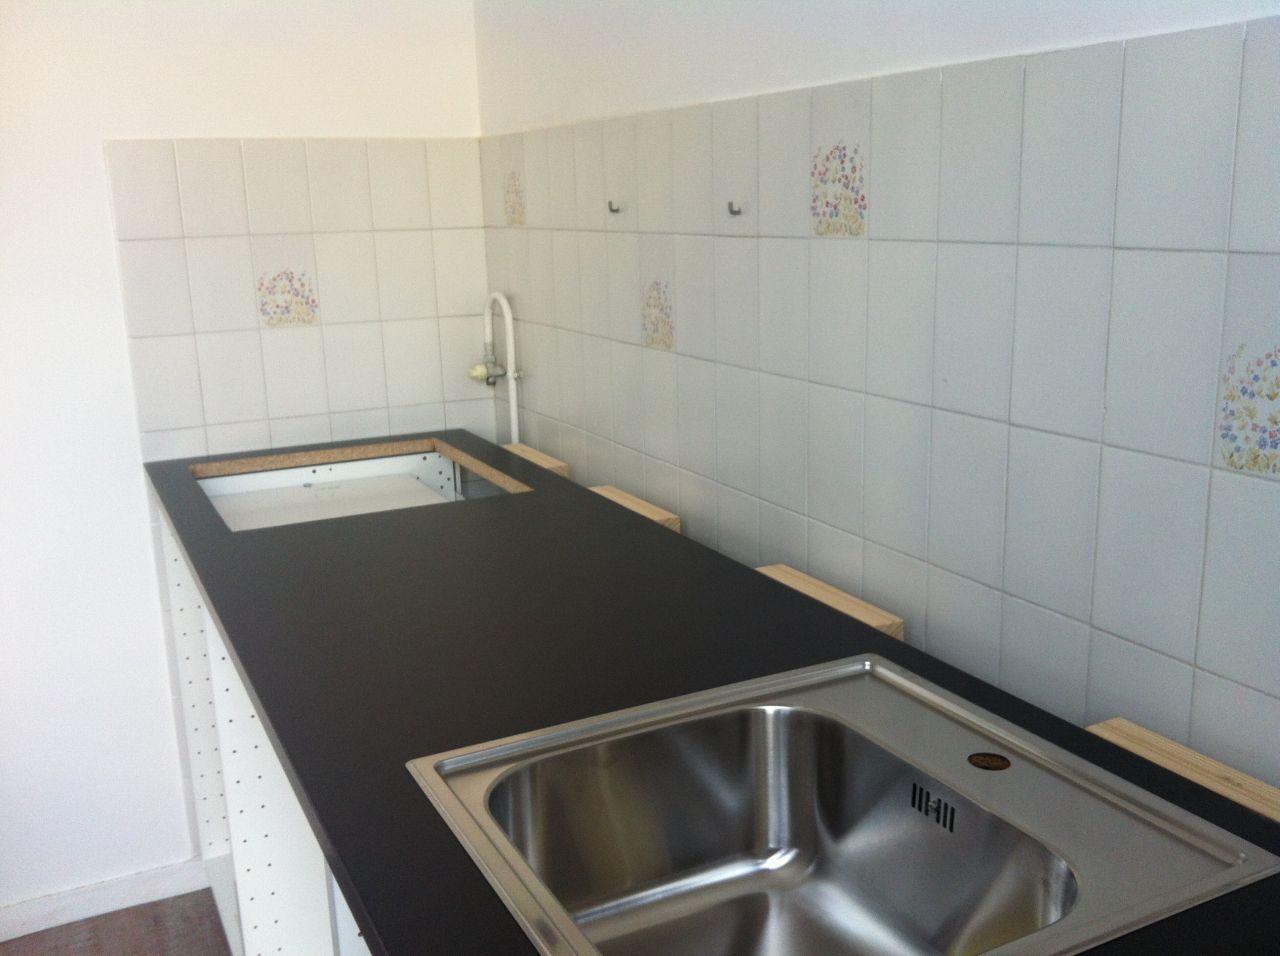 plan de travail cuisine largeur 70 cm lille maison. Black Bedroom Furniture Sets. Home Design Ideas